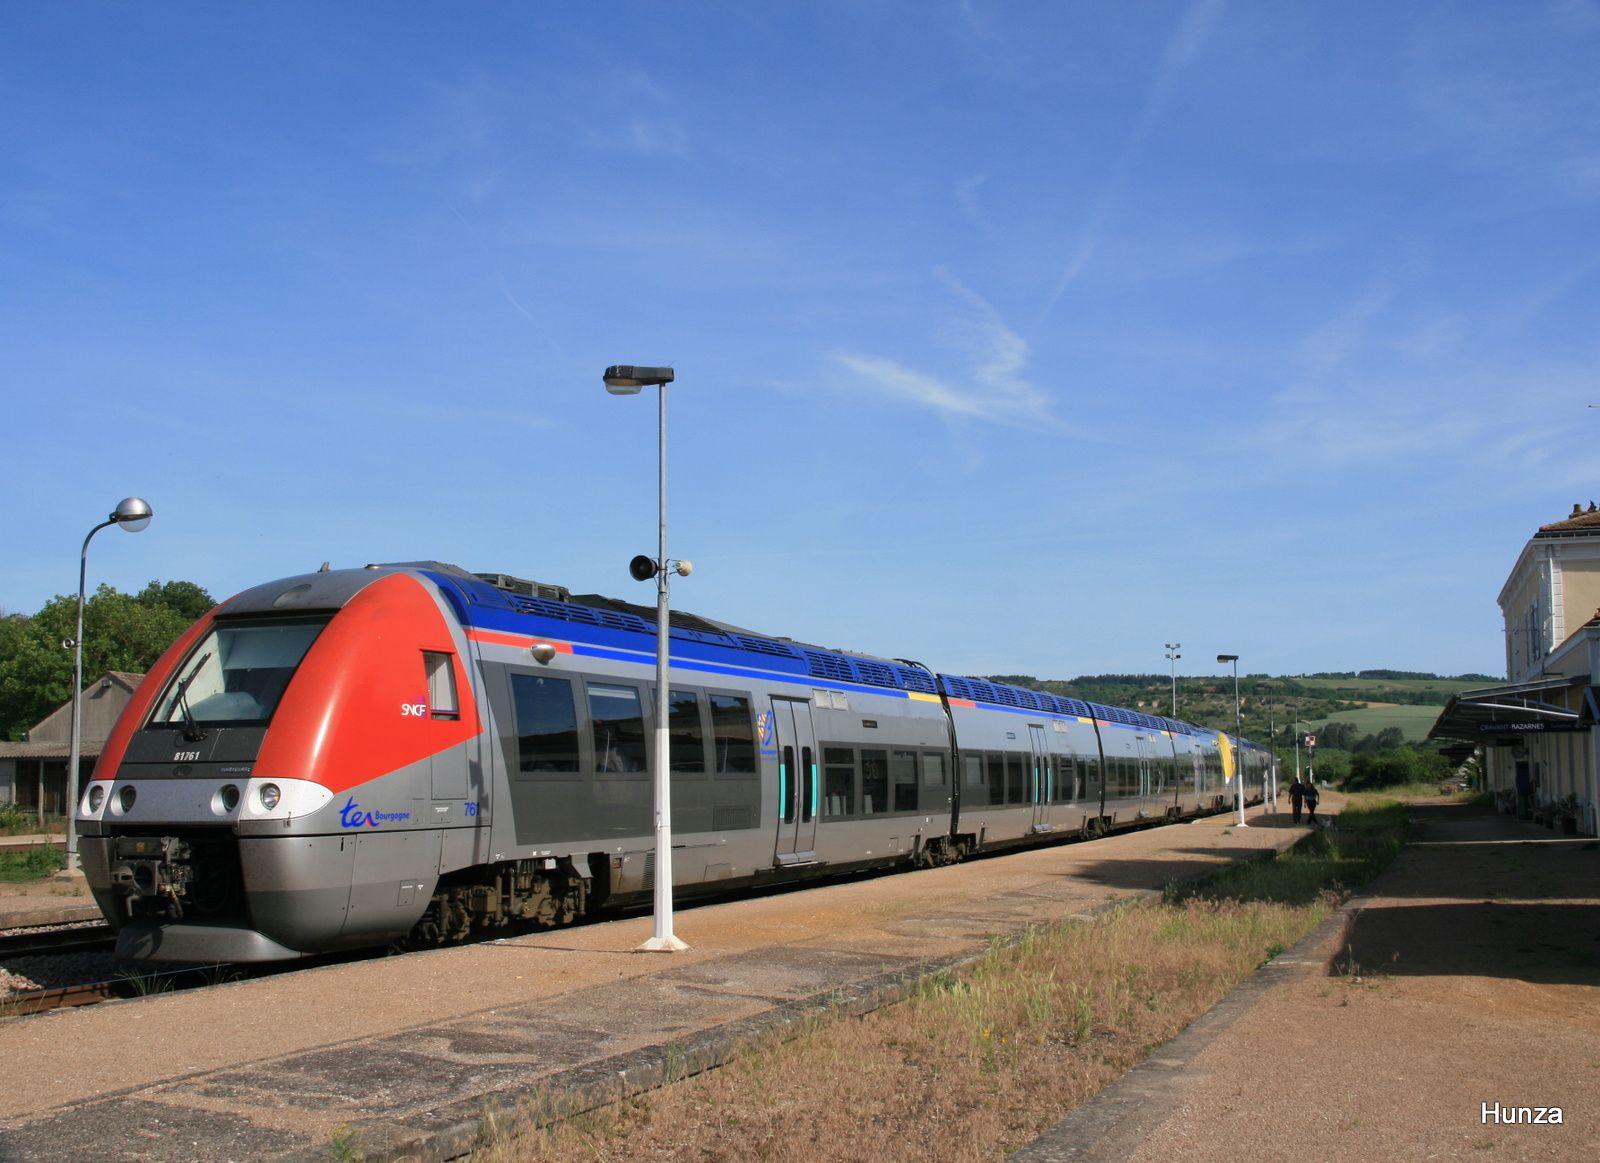 Cravant Bazarnes : X 81731 en tête (23 mai 2011)